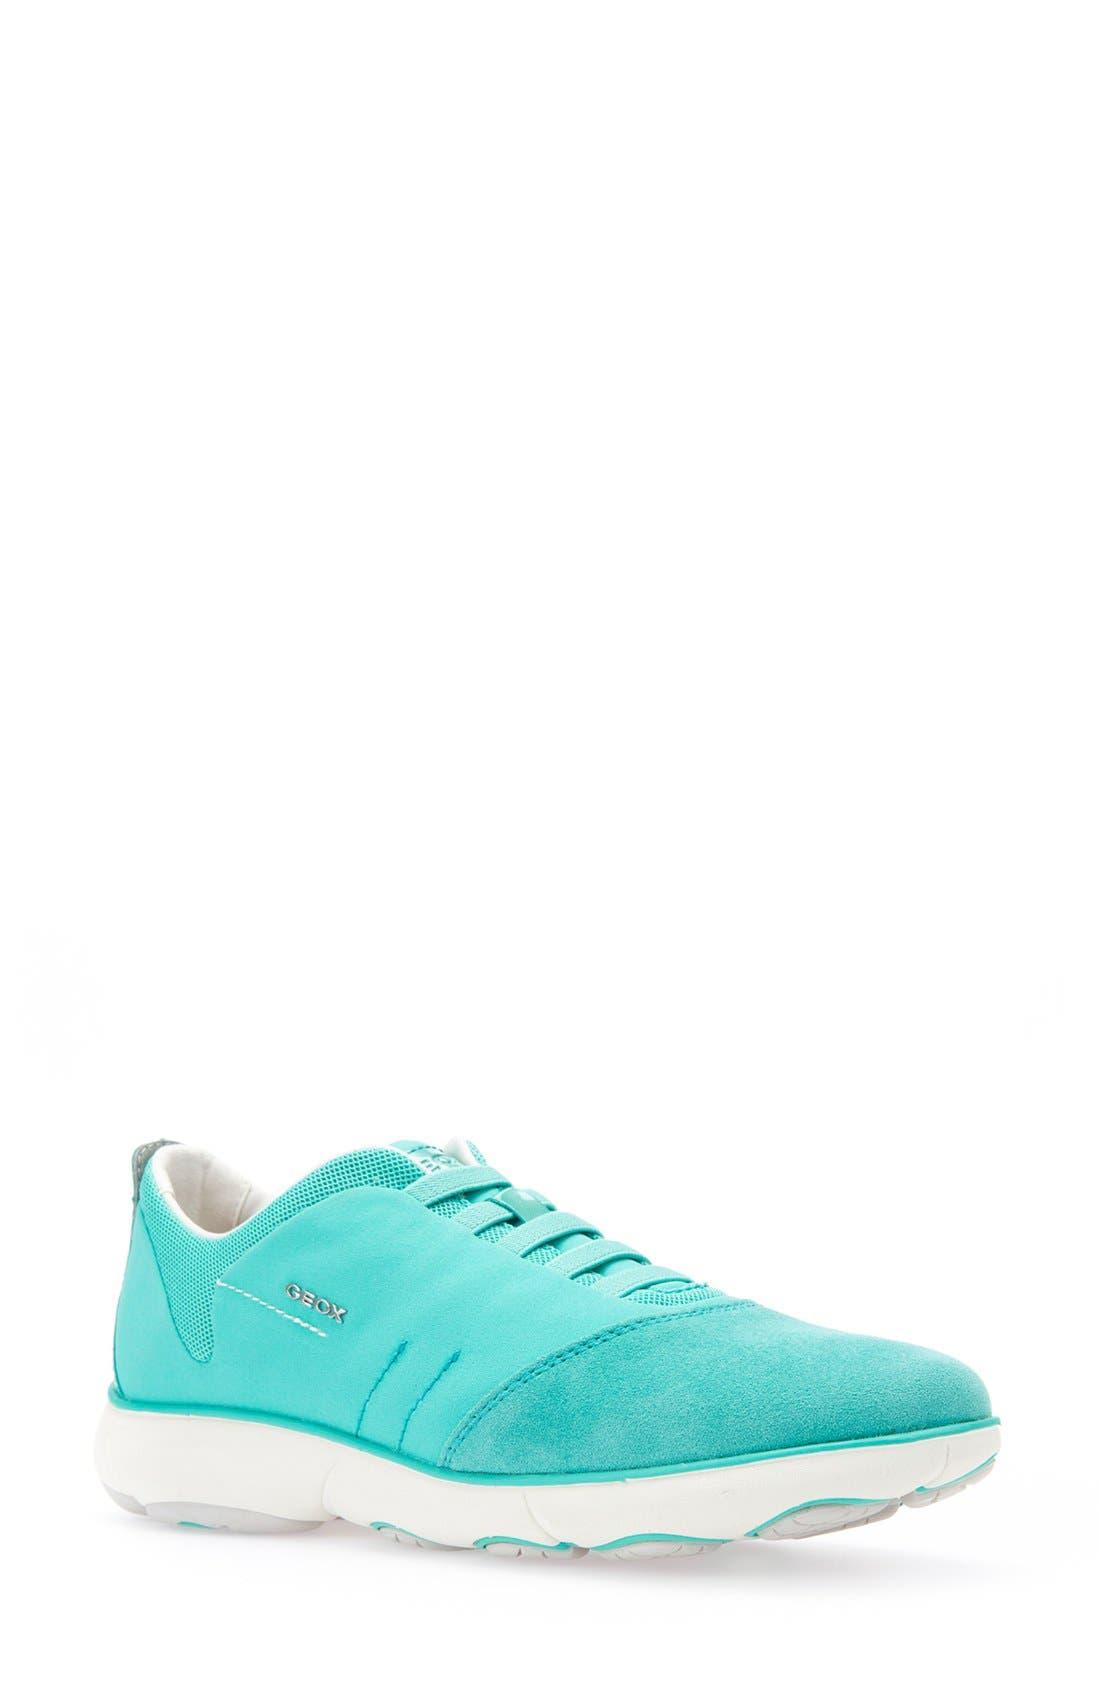 Geox Nebula Sneaker (Women)